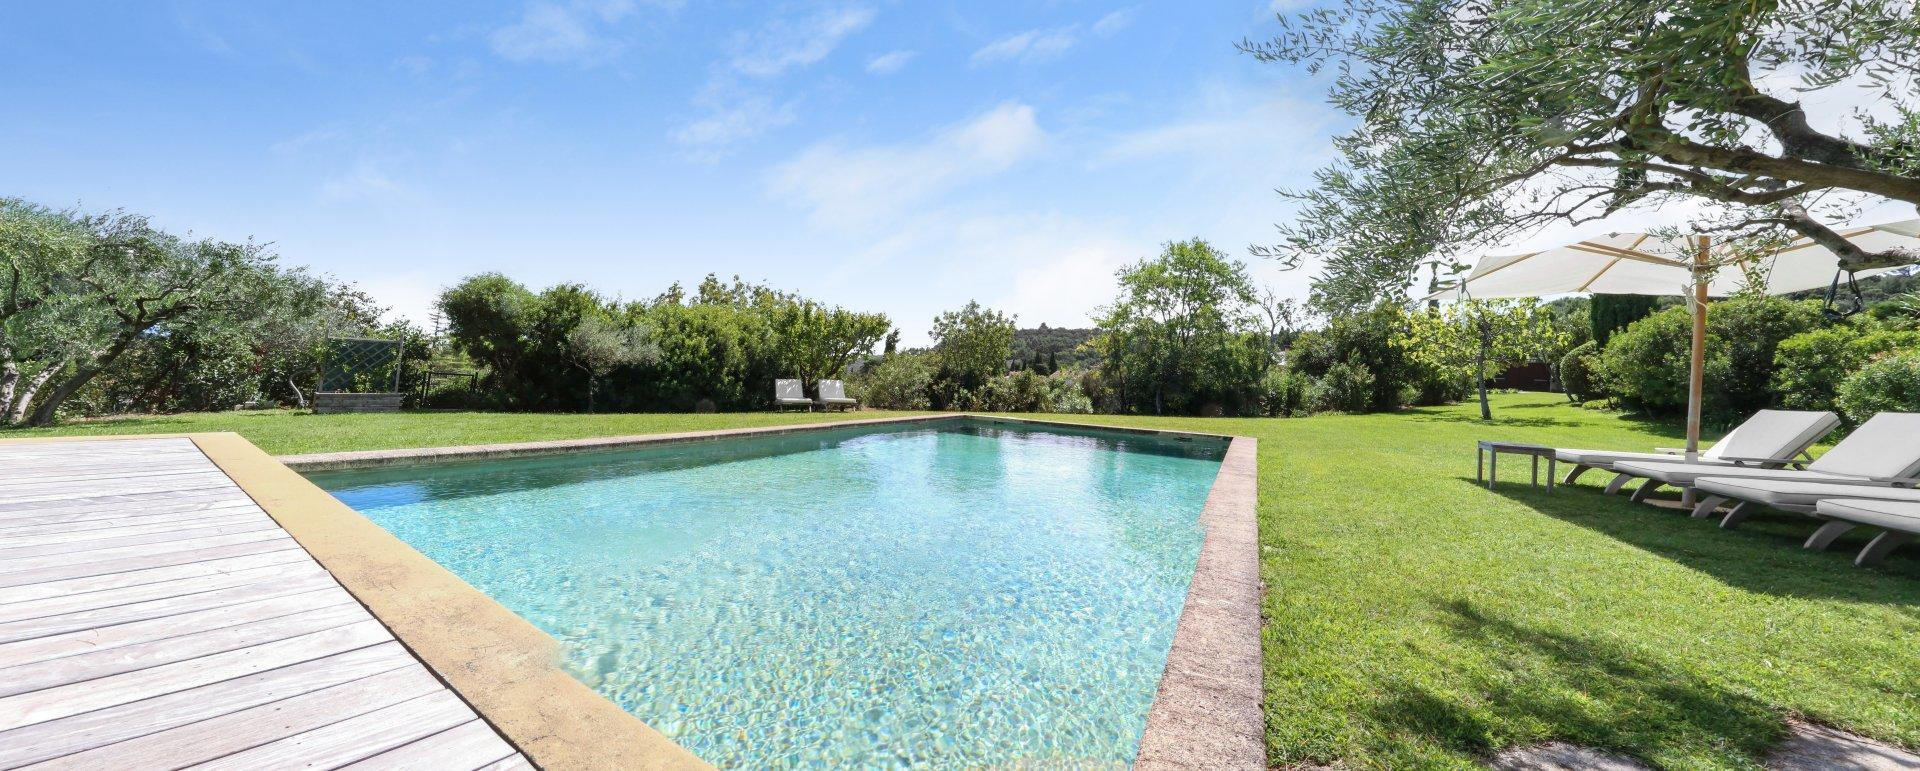 Douceur Provencale   Avignon   Provence   Quality Villas